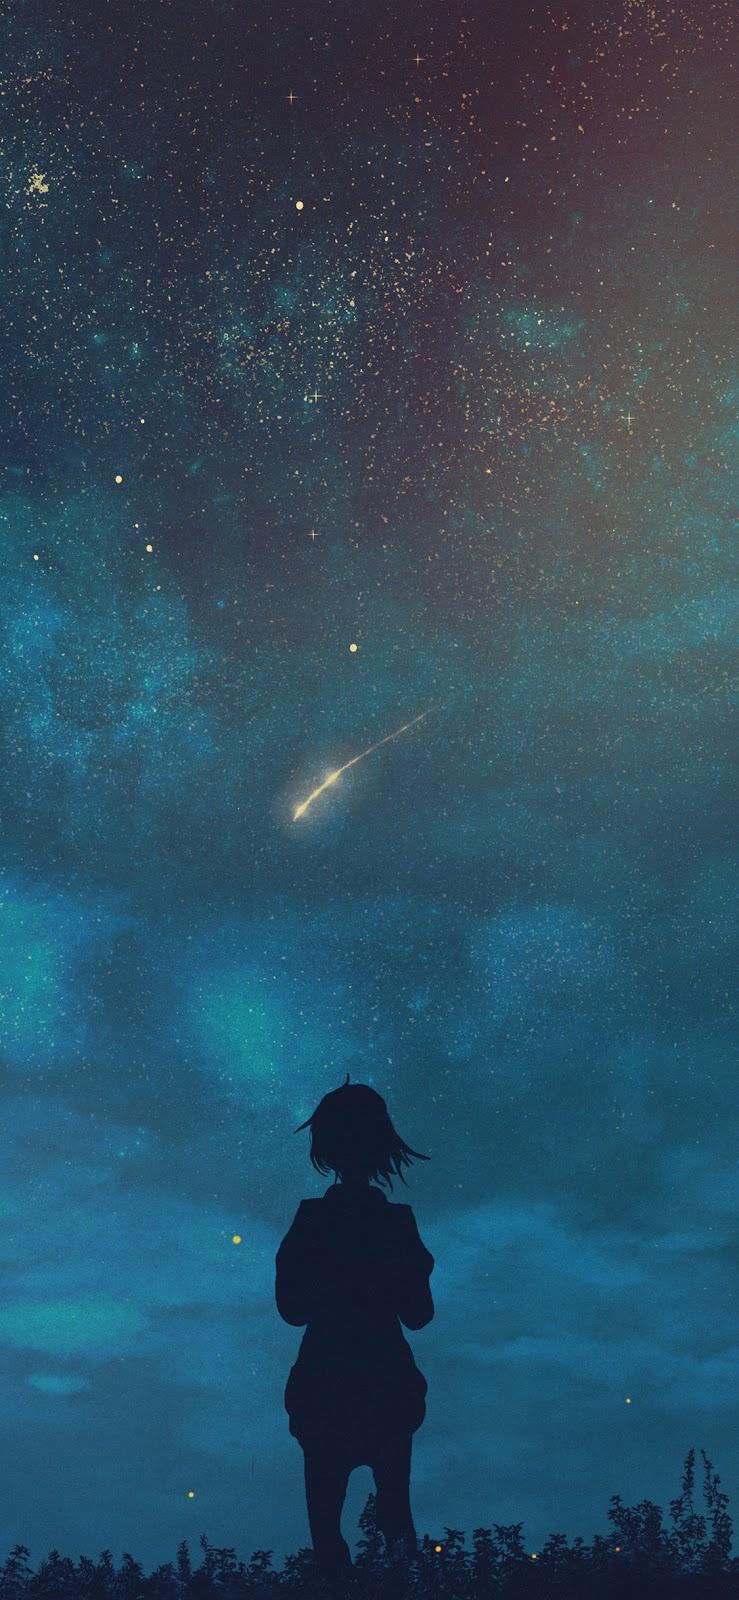 Hình nền những vì sao lấp lánh giữa bầu trời đêm